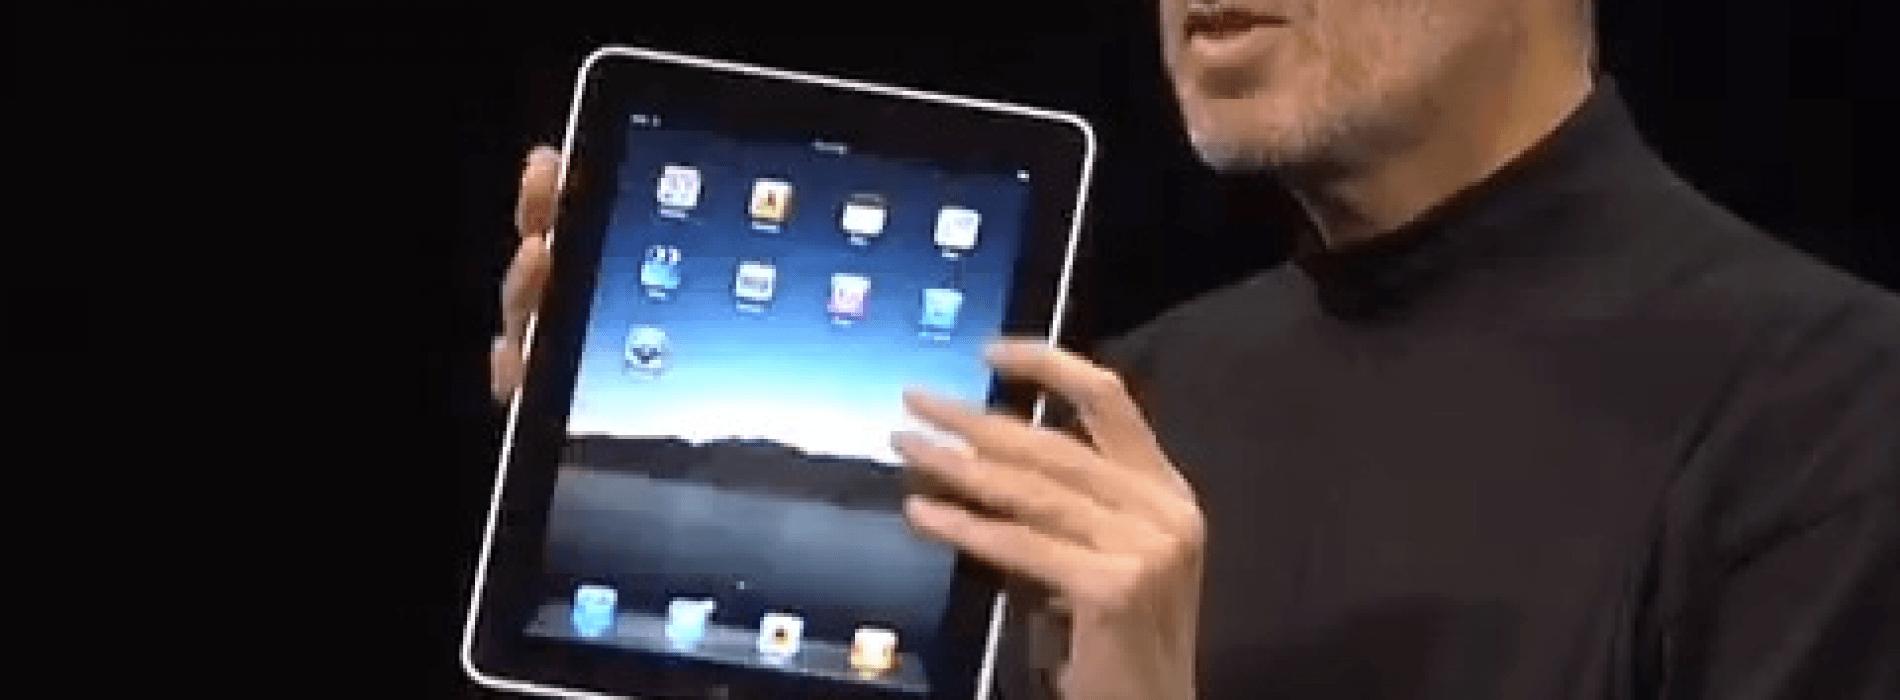 iPad el nuevo dispositivo de Apple